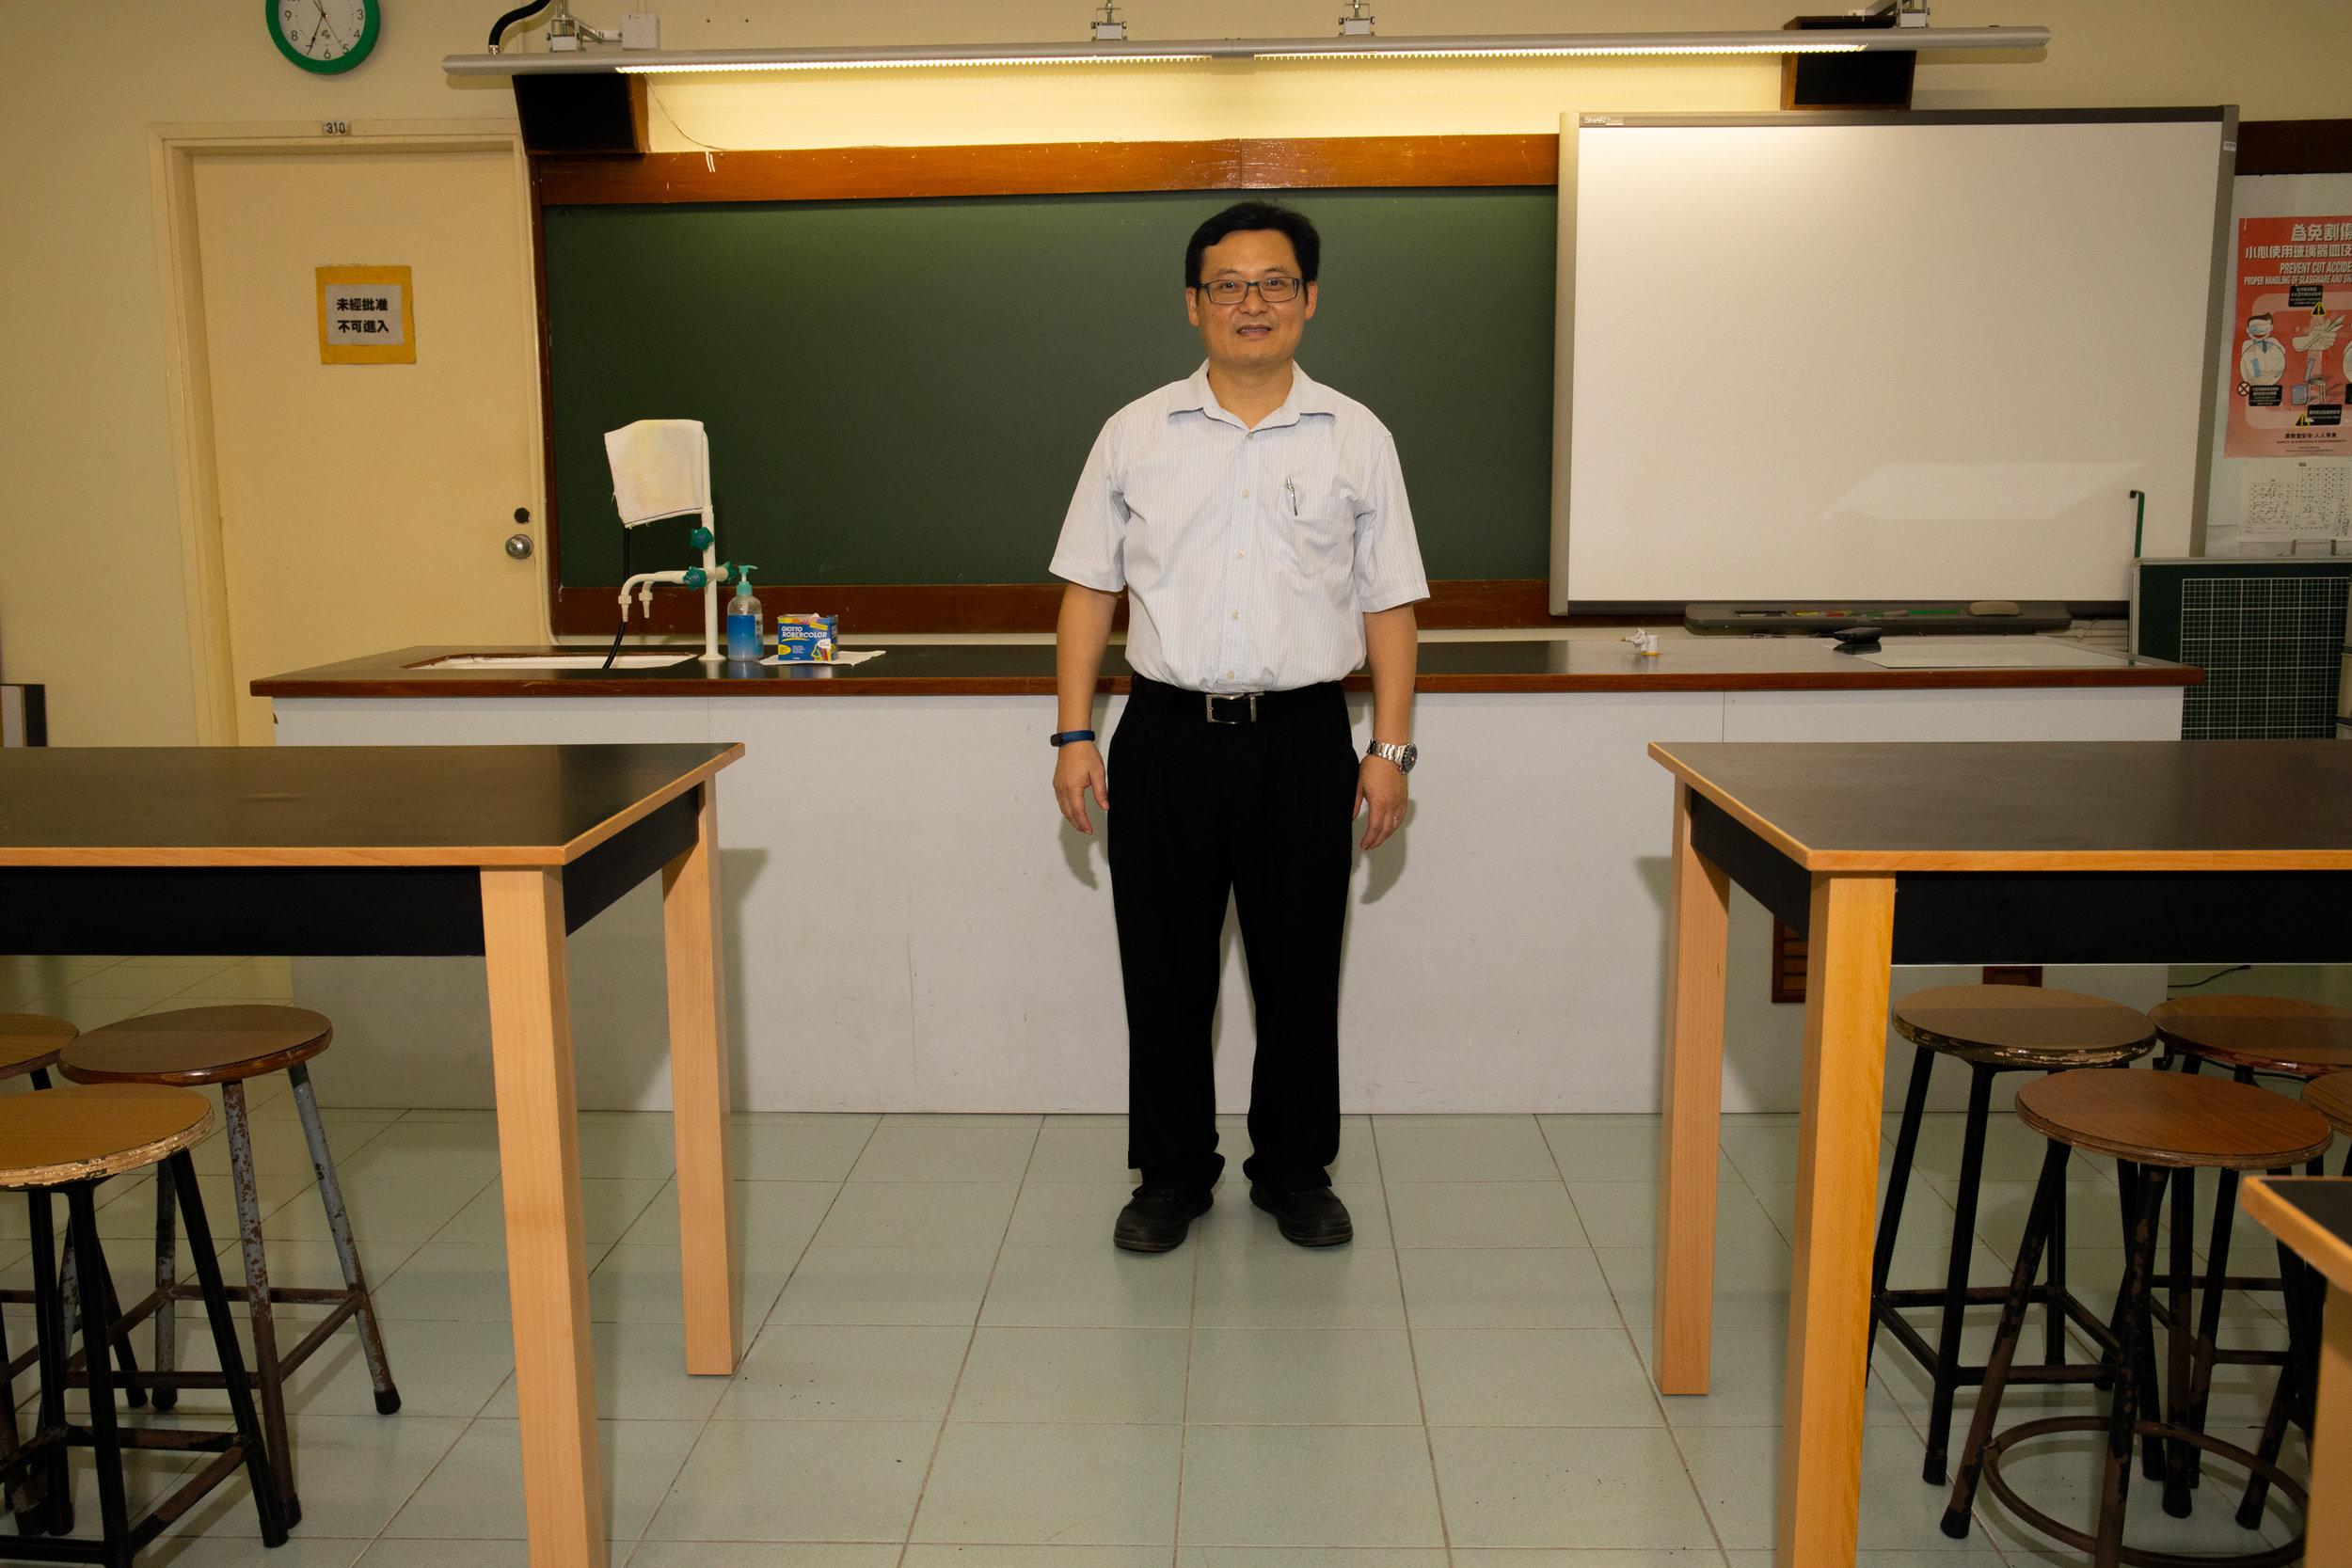 Kai Yin Cheung, physics teacher at the Man Kiu College, Hong Kong.